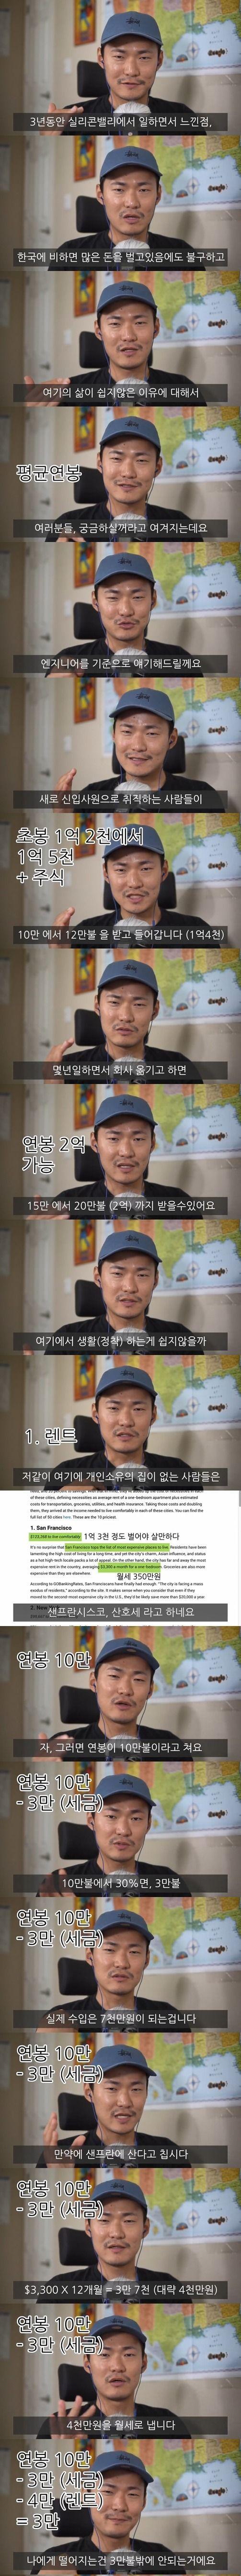 실리콘밸리에서 3년 동안 일한 한국인의 경험담